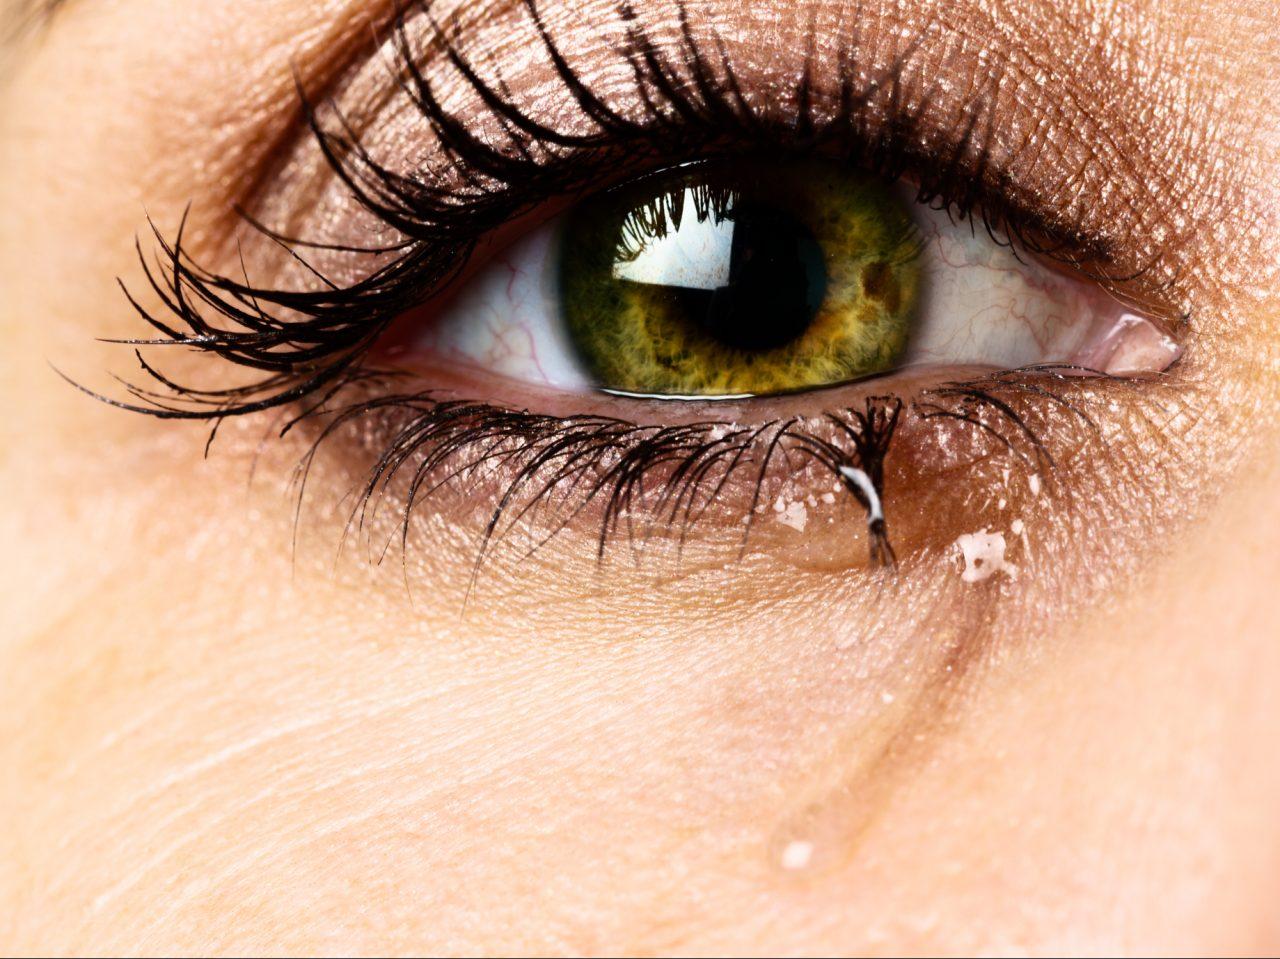 Tårevått øye